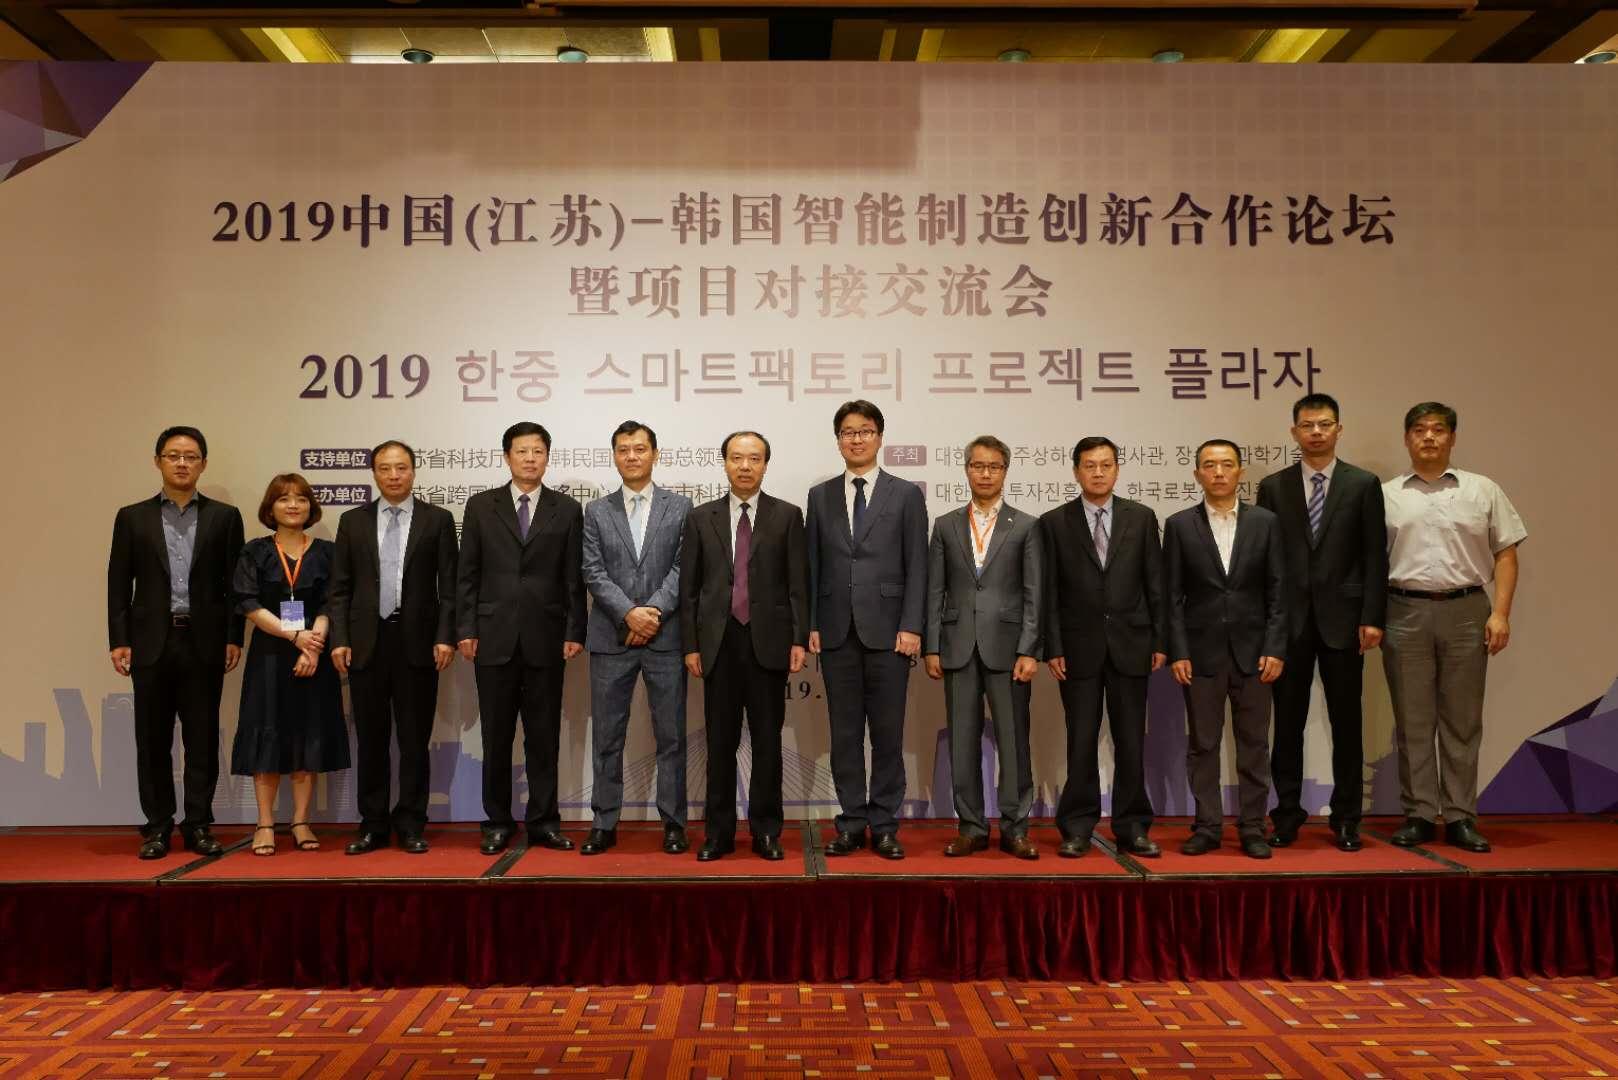 2019中国(江苏)-韩国智能制造创新合作论坛及交流会